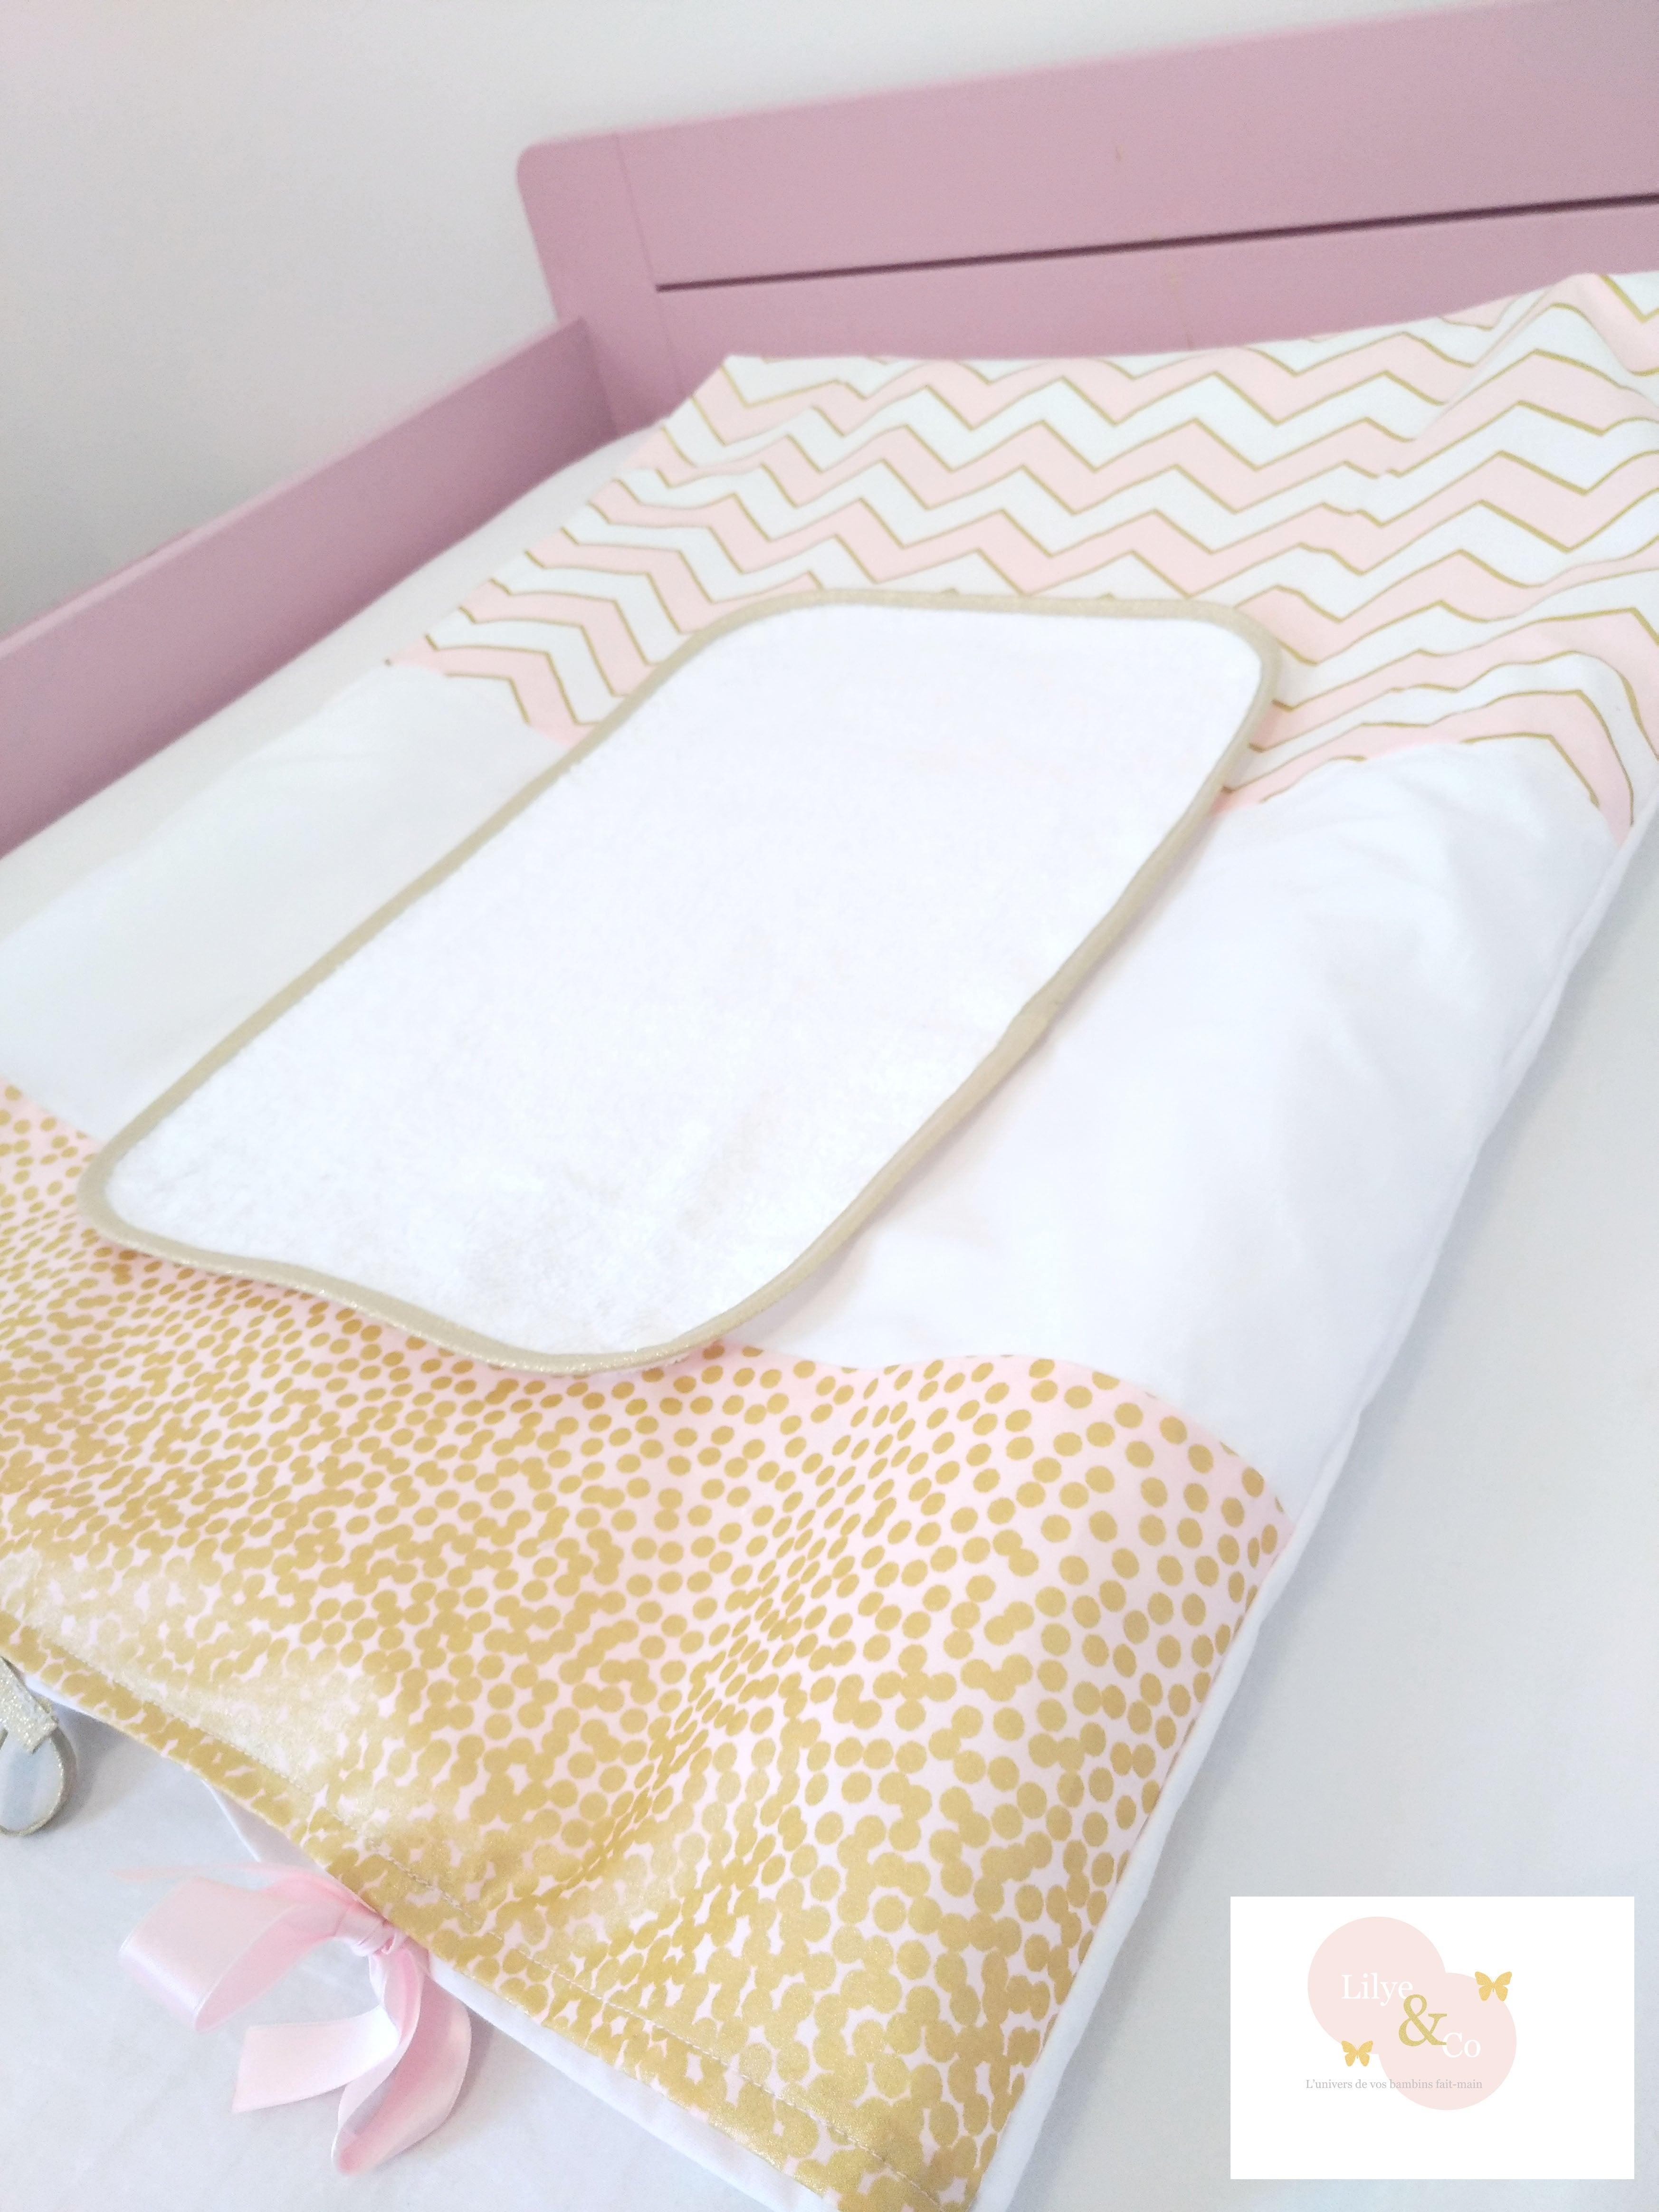 commande langer latest table a langer blanc luciblcm commande table a langer with commande. Black Bedroom Furniture Sets. Home Design Ideas